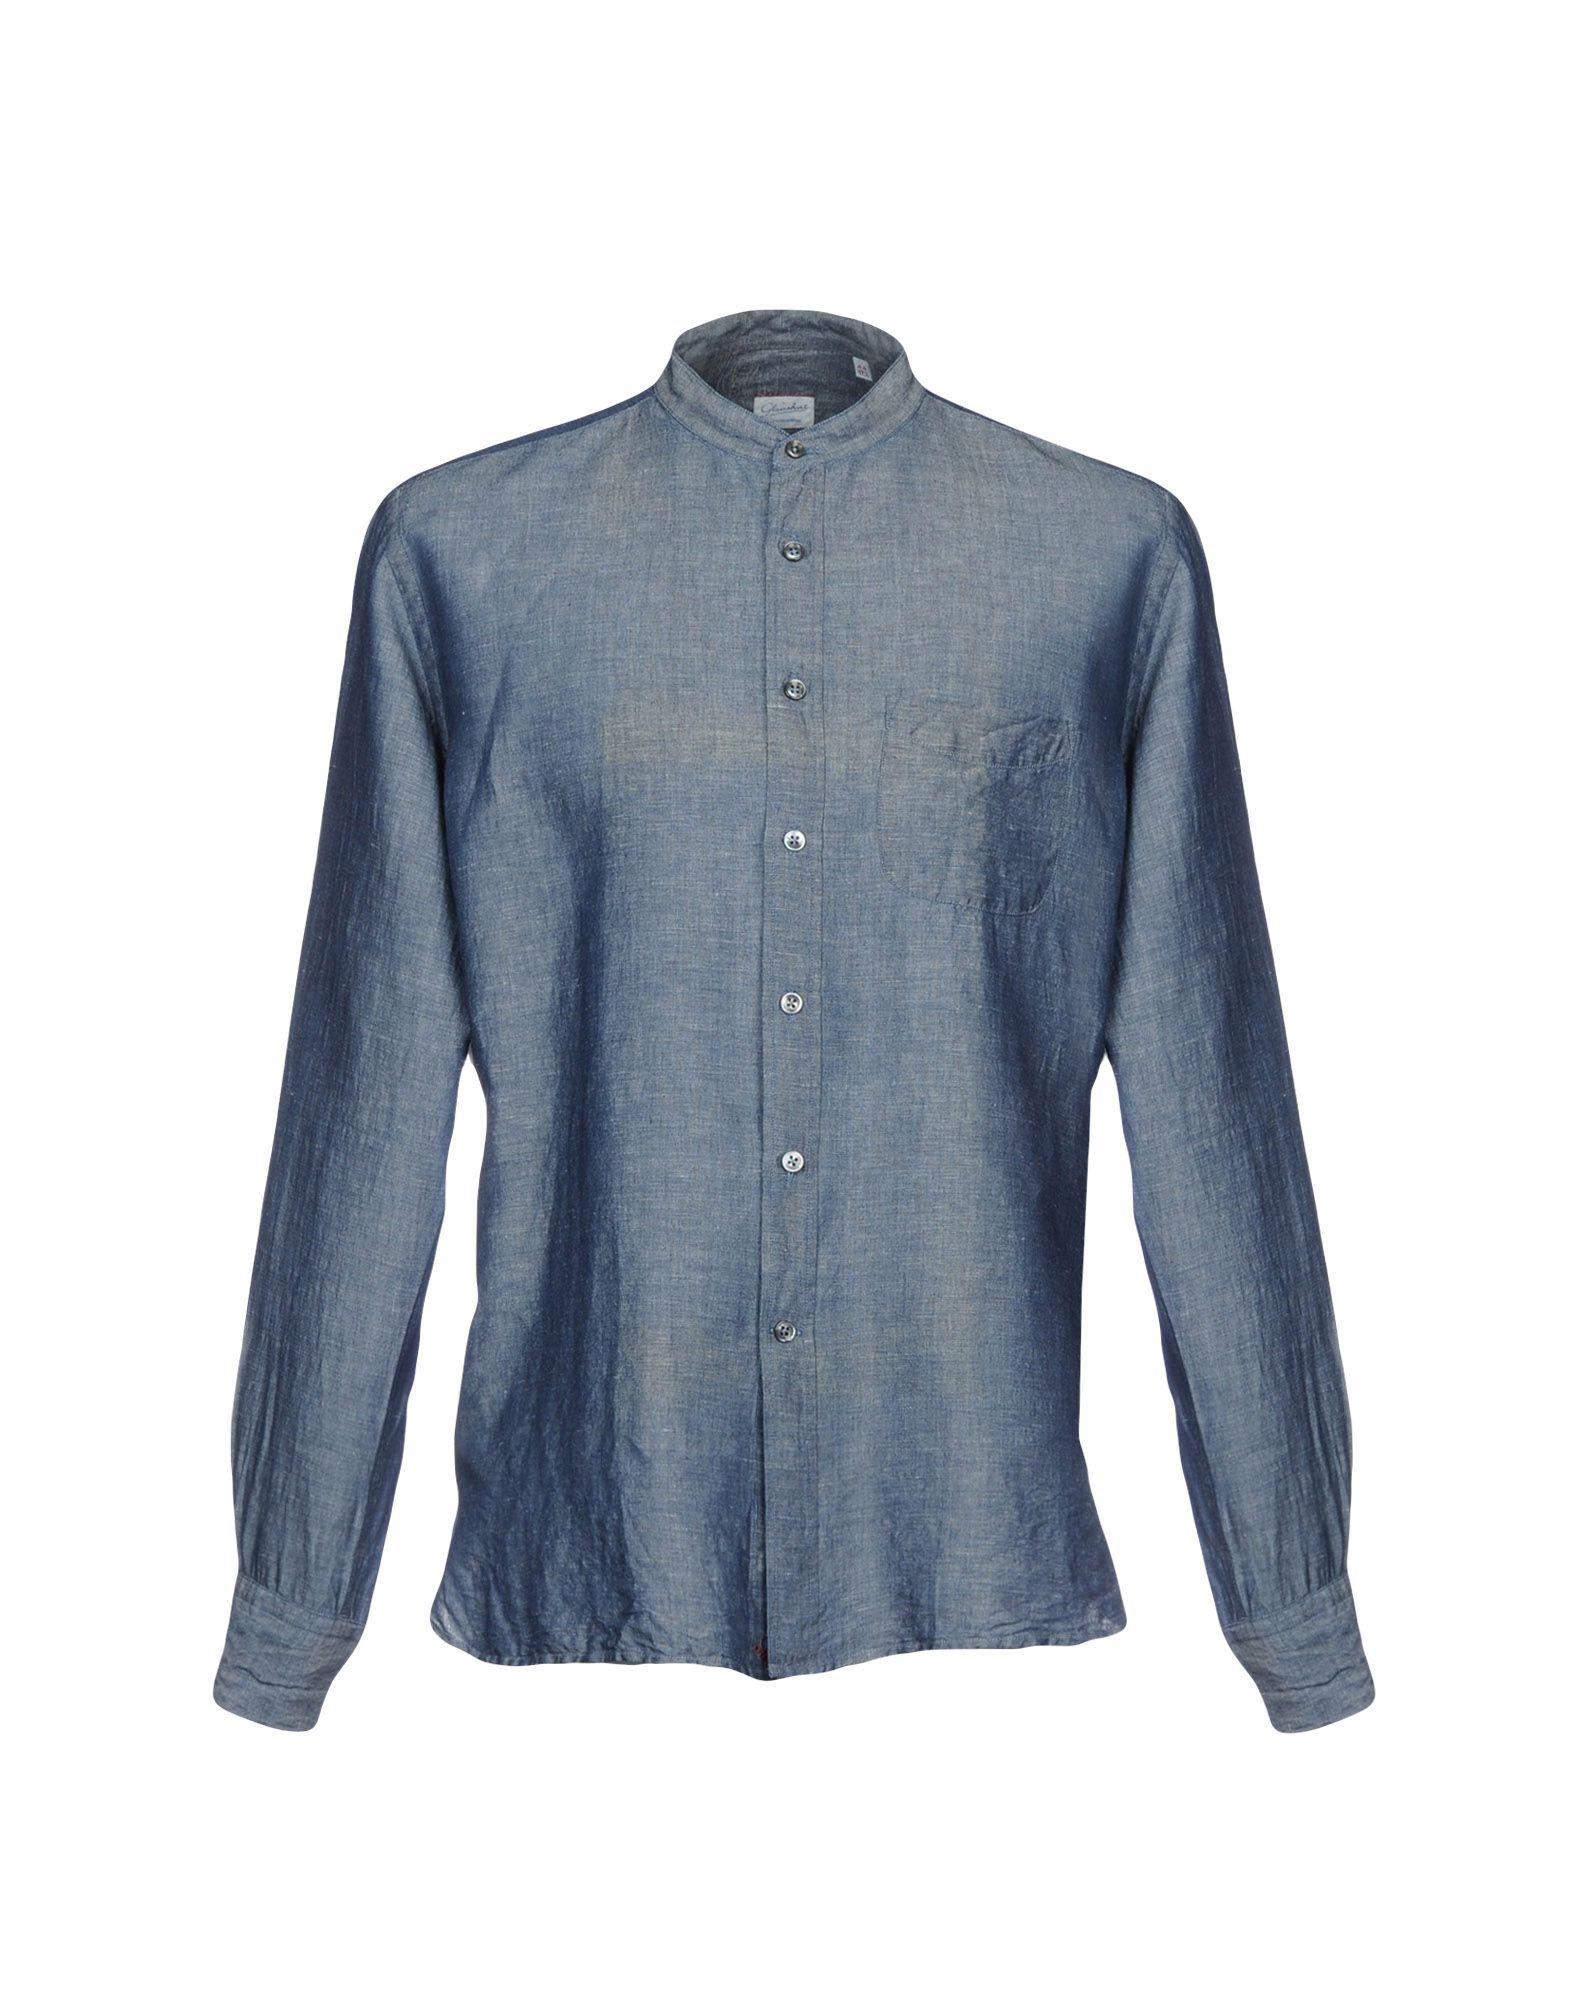 GLANSHIRT Джинсовая рубашка